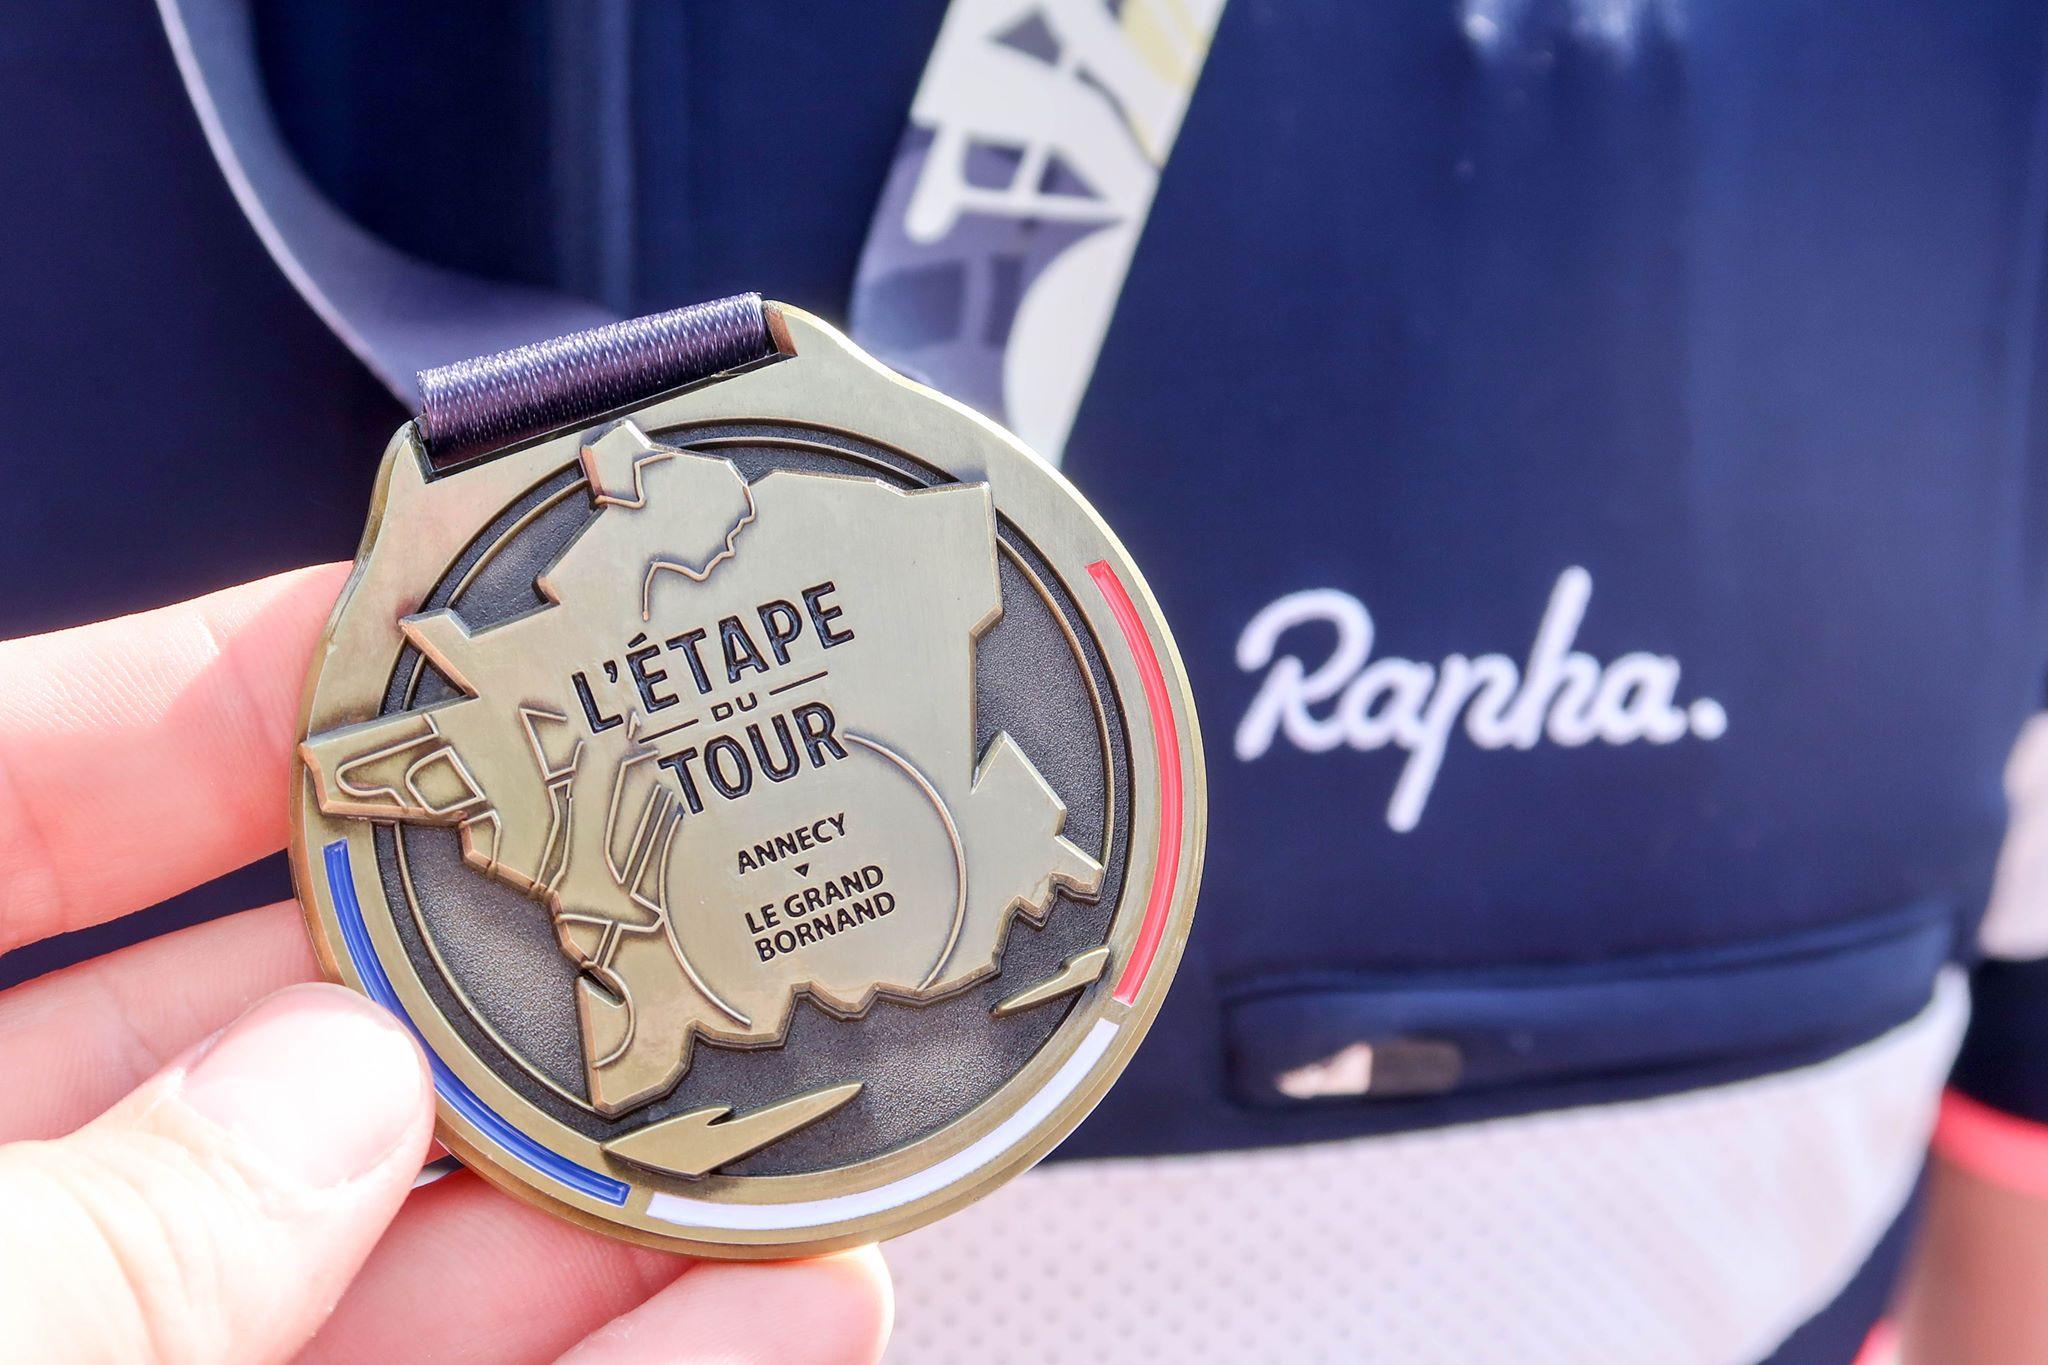 Malte Paulat (Cycling Club Düsseldorf) mit der verdienten Teilnehmermedallie der L'Etape du Tour